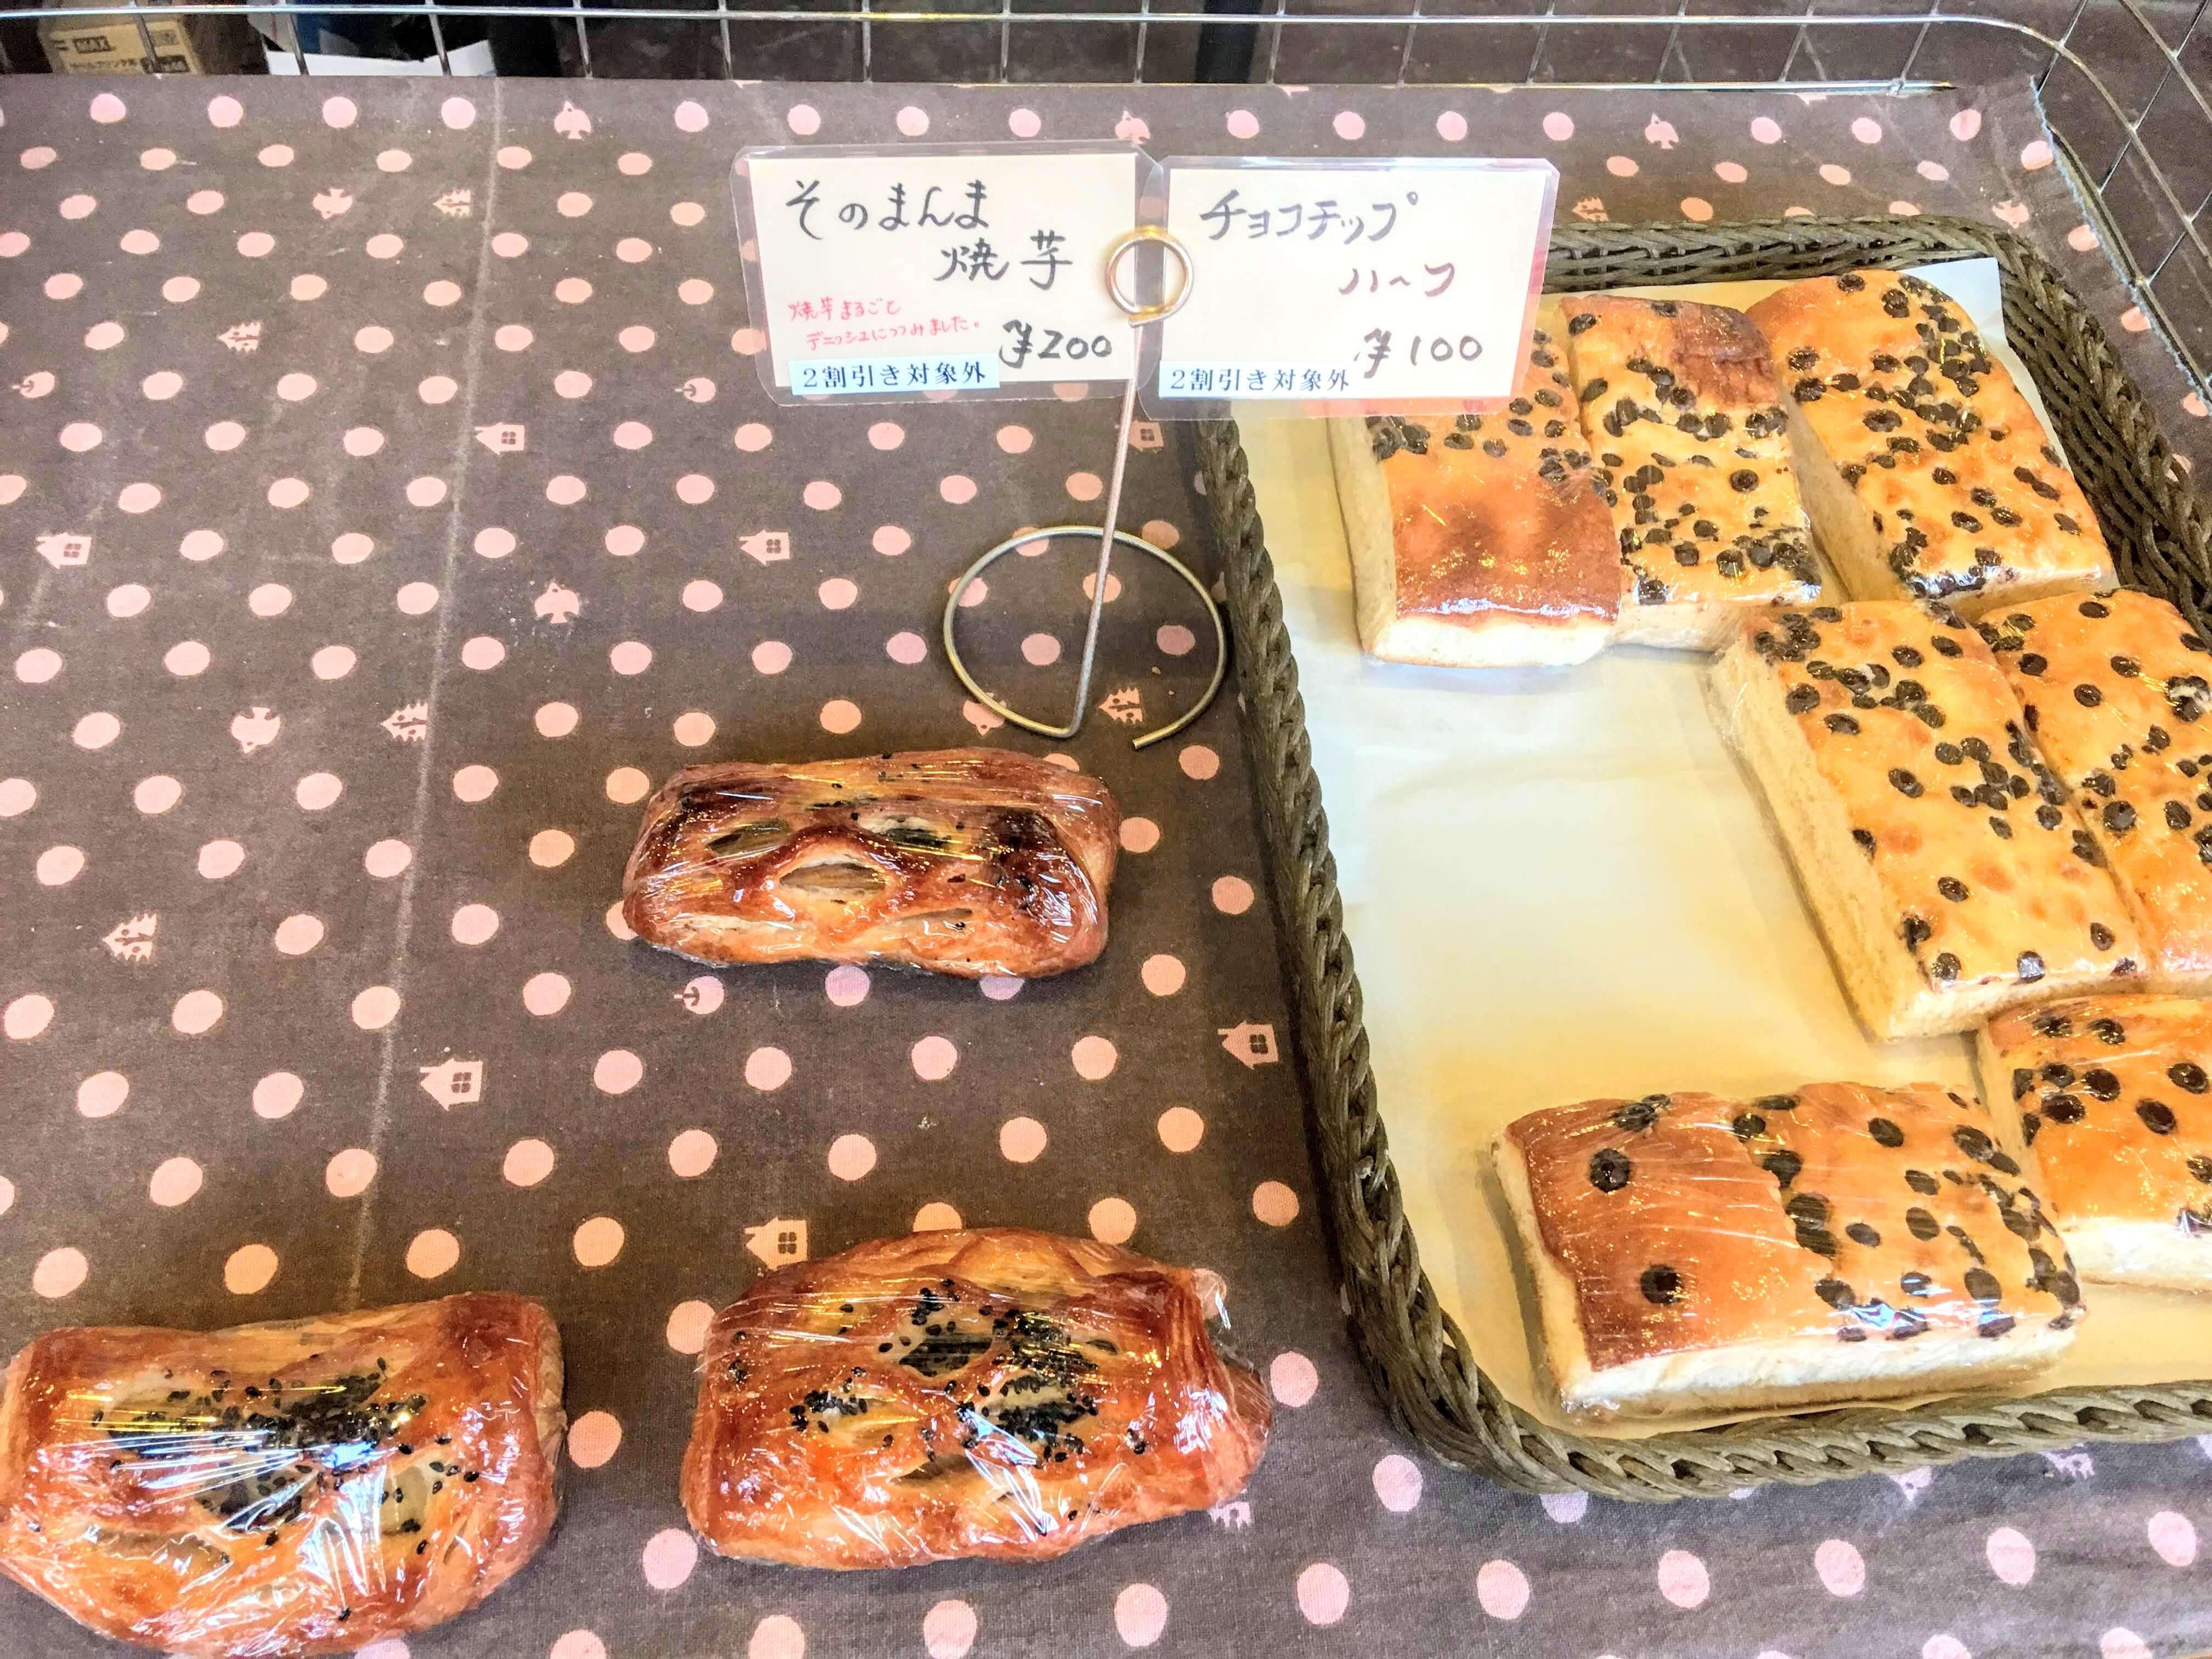 麦の実パンのそのまんま焼き芋、奄美大島のパン屋